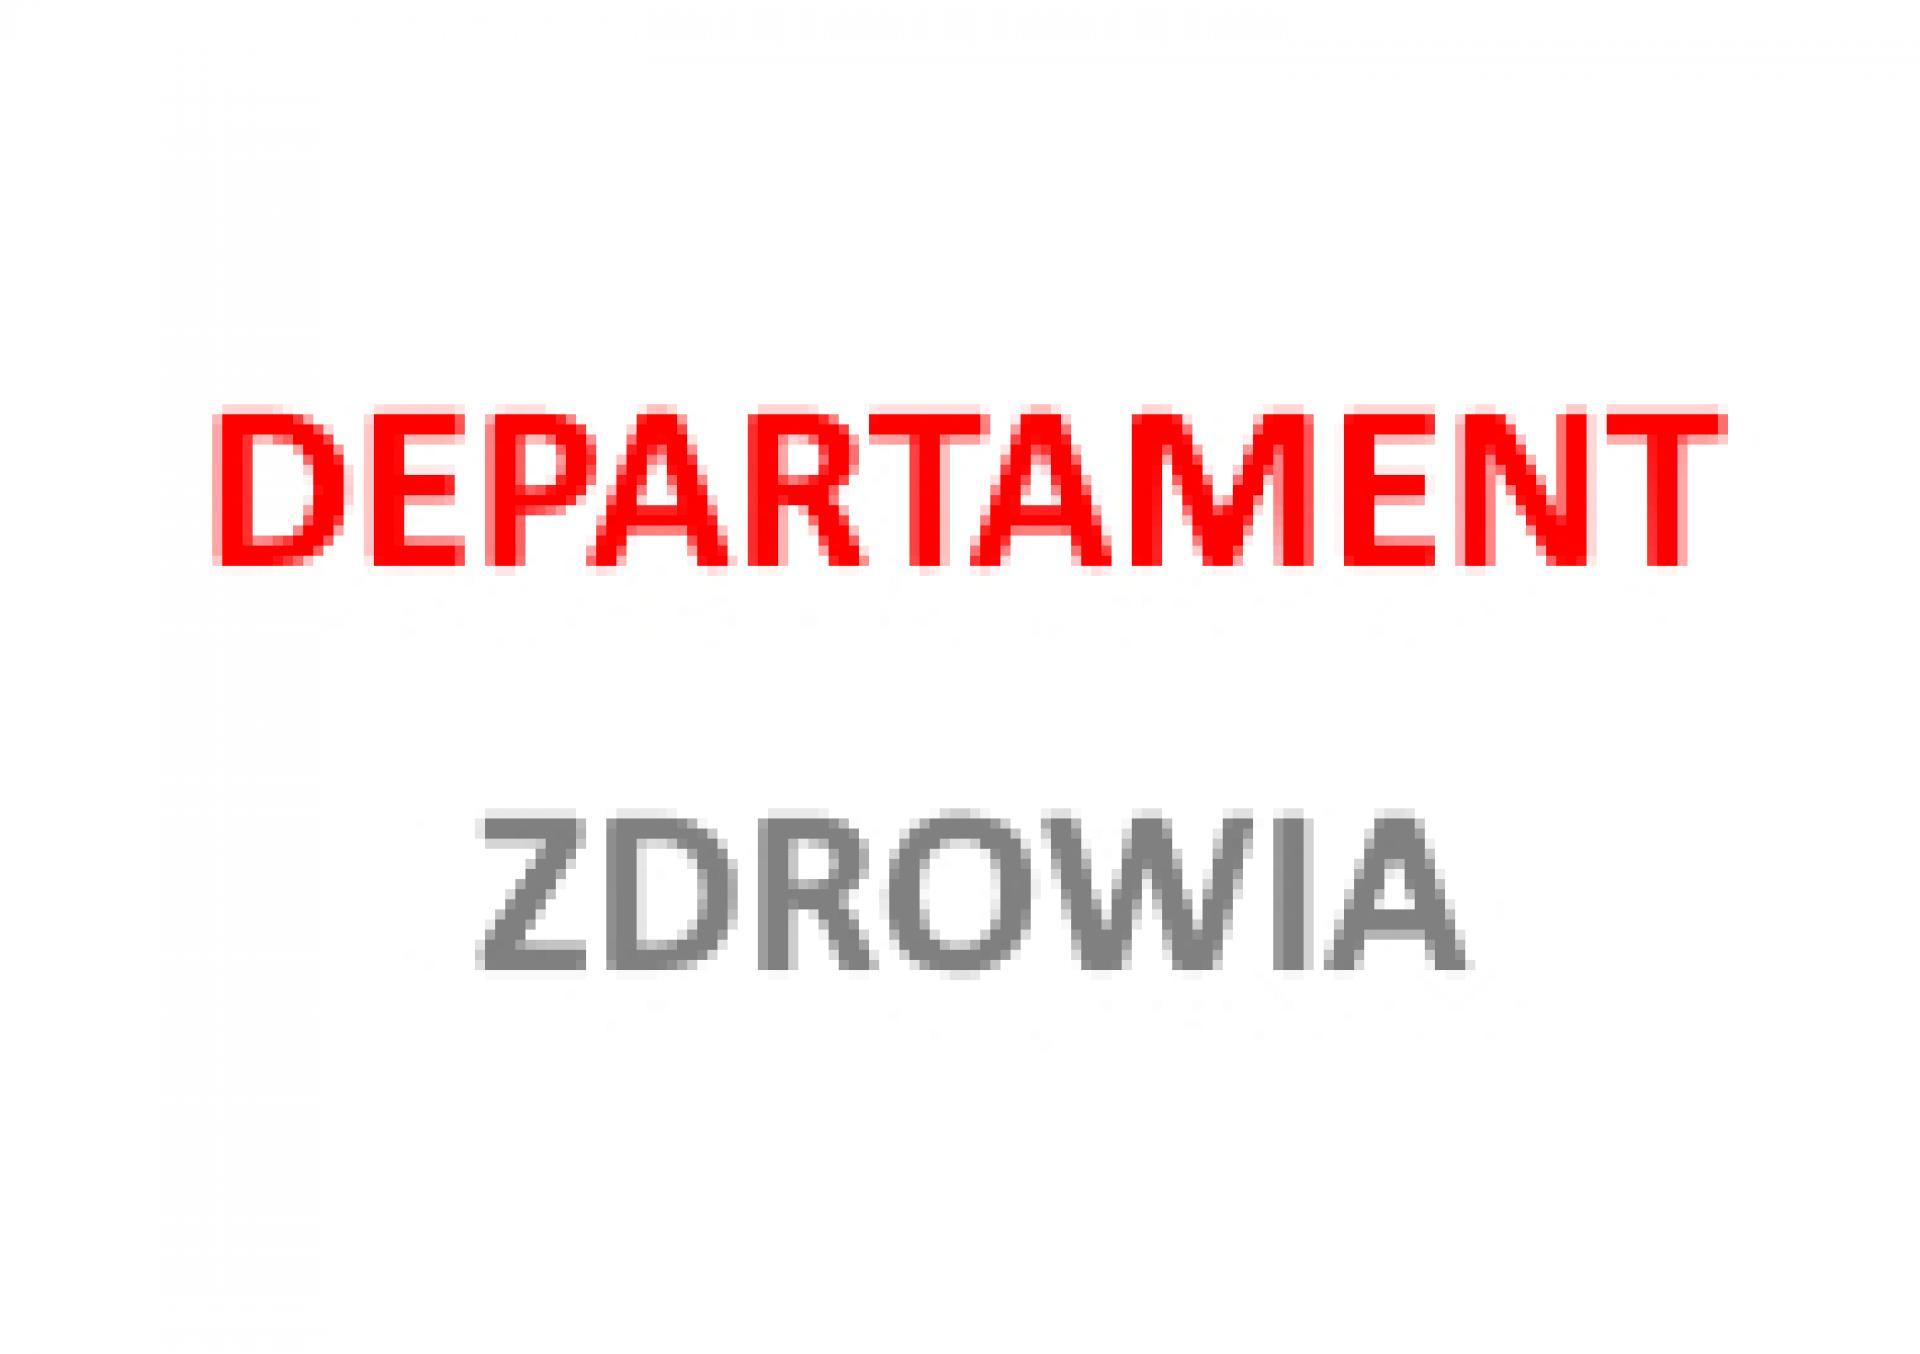 Informacja w sprawie przeprowadzenia konsultacji projektu uchwały Sejmiku Województwa Wielkopolskiego w sprawie nadania statutu Wielkopolskiemu Centrum Pulmonologii i Torakochirurgii w Poznaniu - zobacz więcej